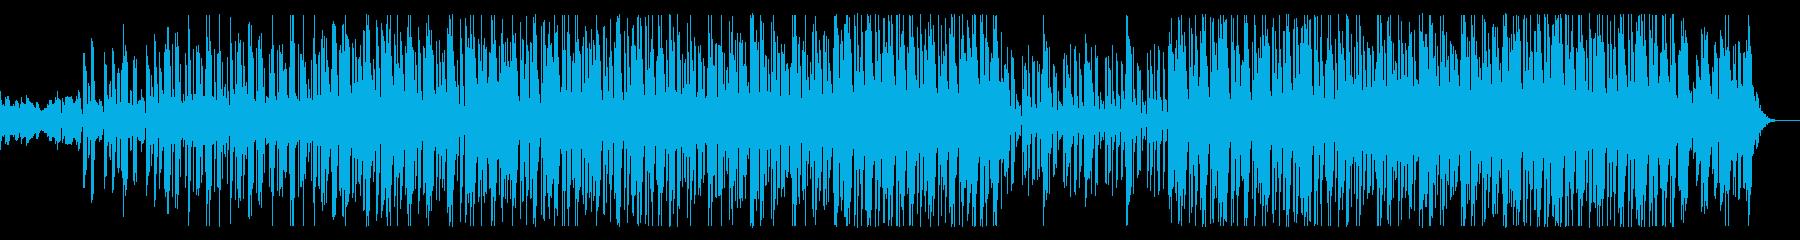 バサノバ 不思議 奇妙 電気ピアノ...の再生済みの波形